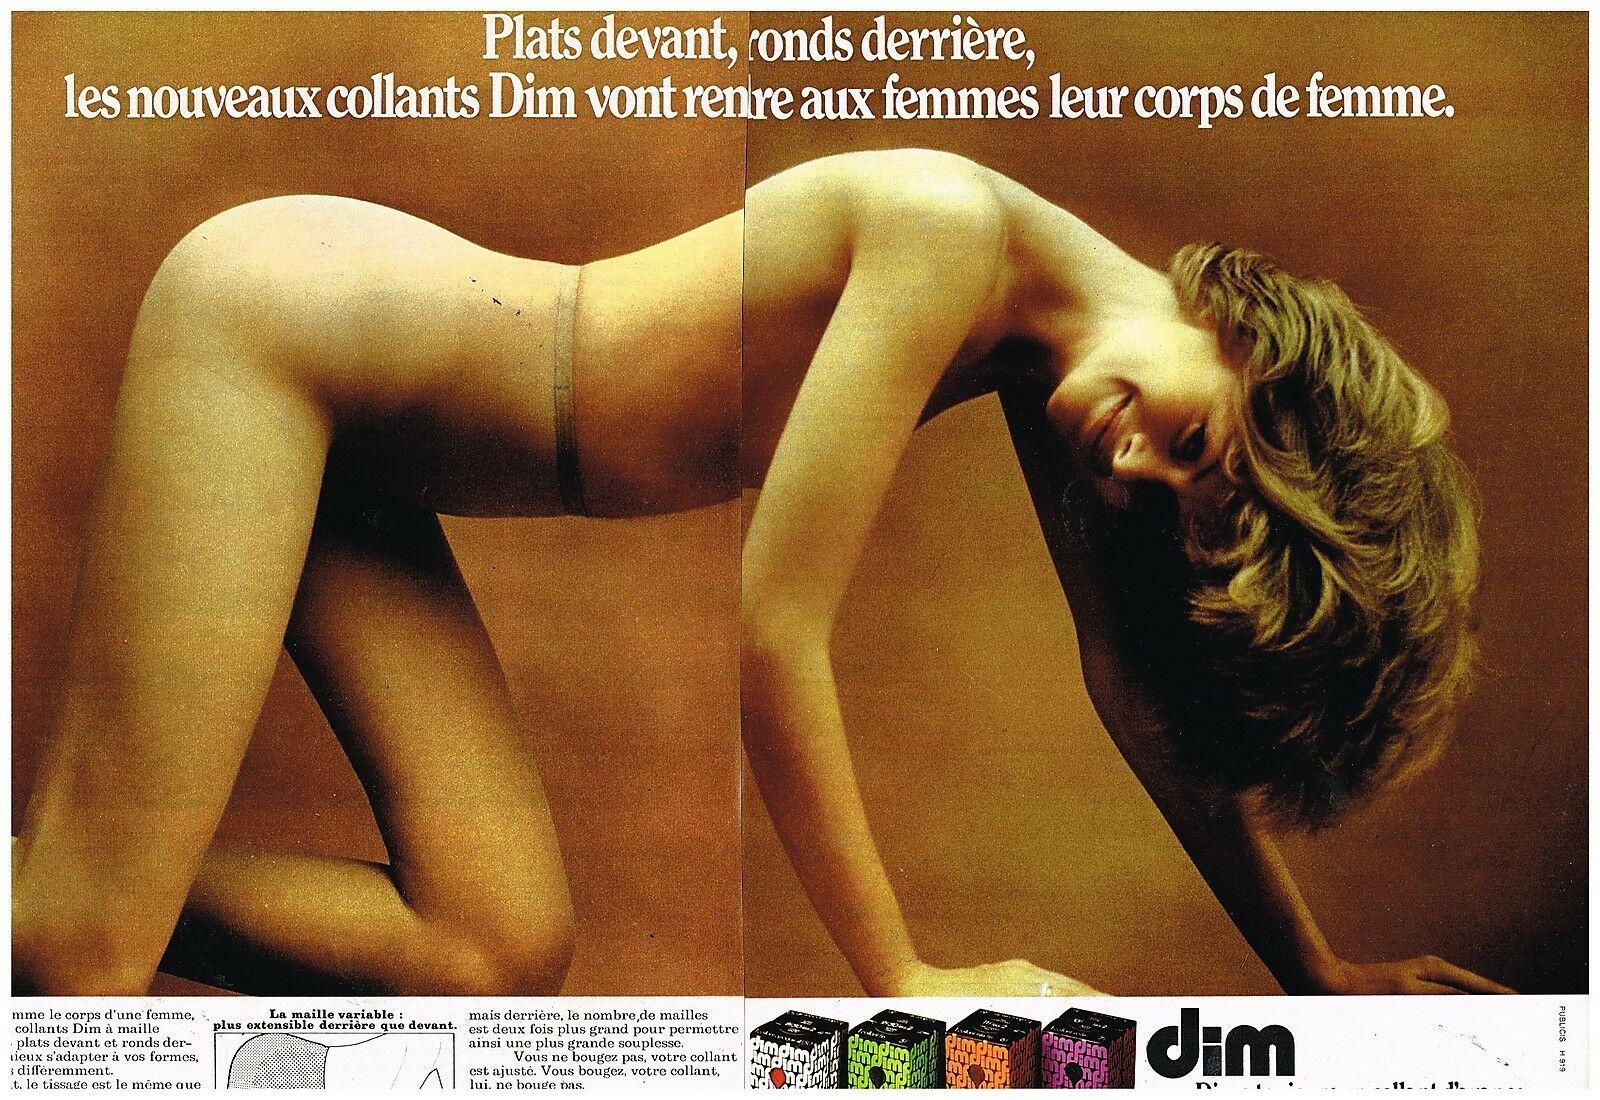 1973 Dim A2